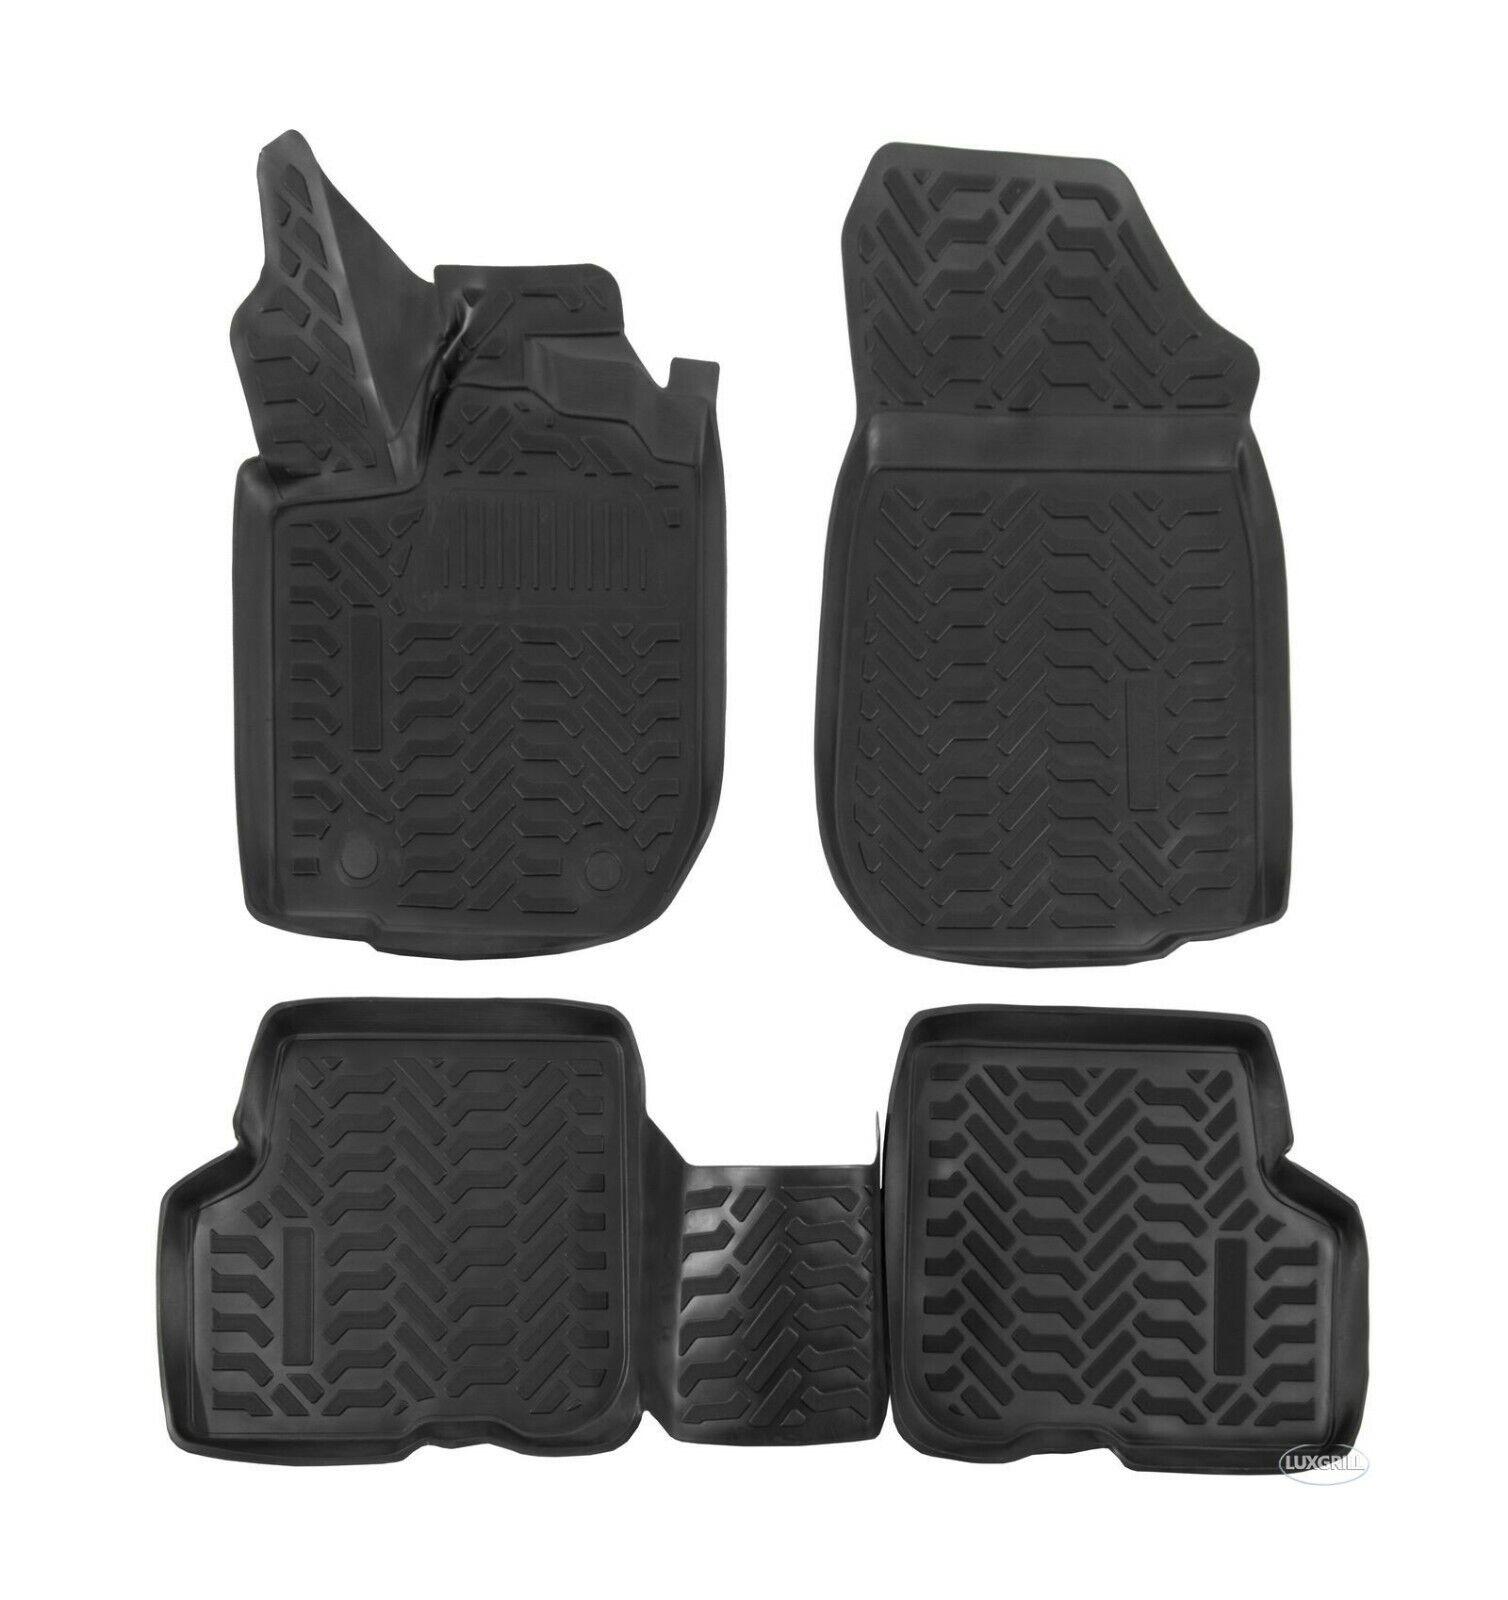 Gummimatten Gummifußmatten TPE 3D für Dacia Duster 2WD PH 2 ab 2014-2017